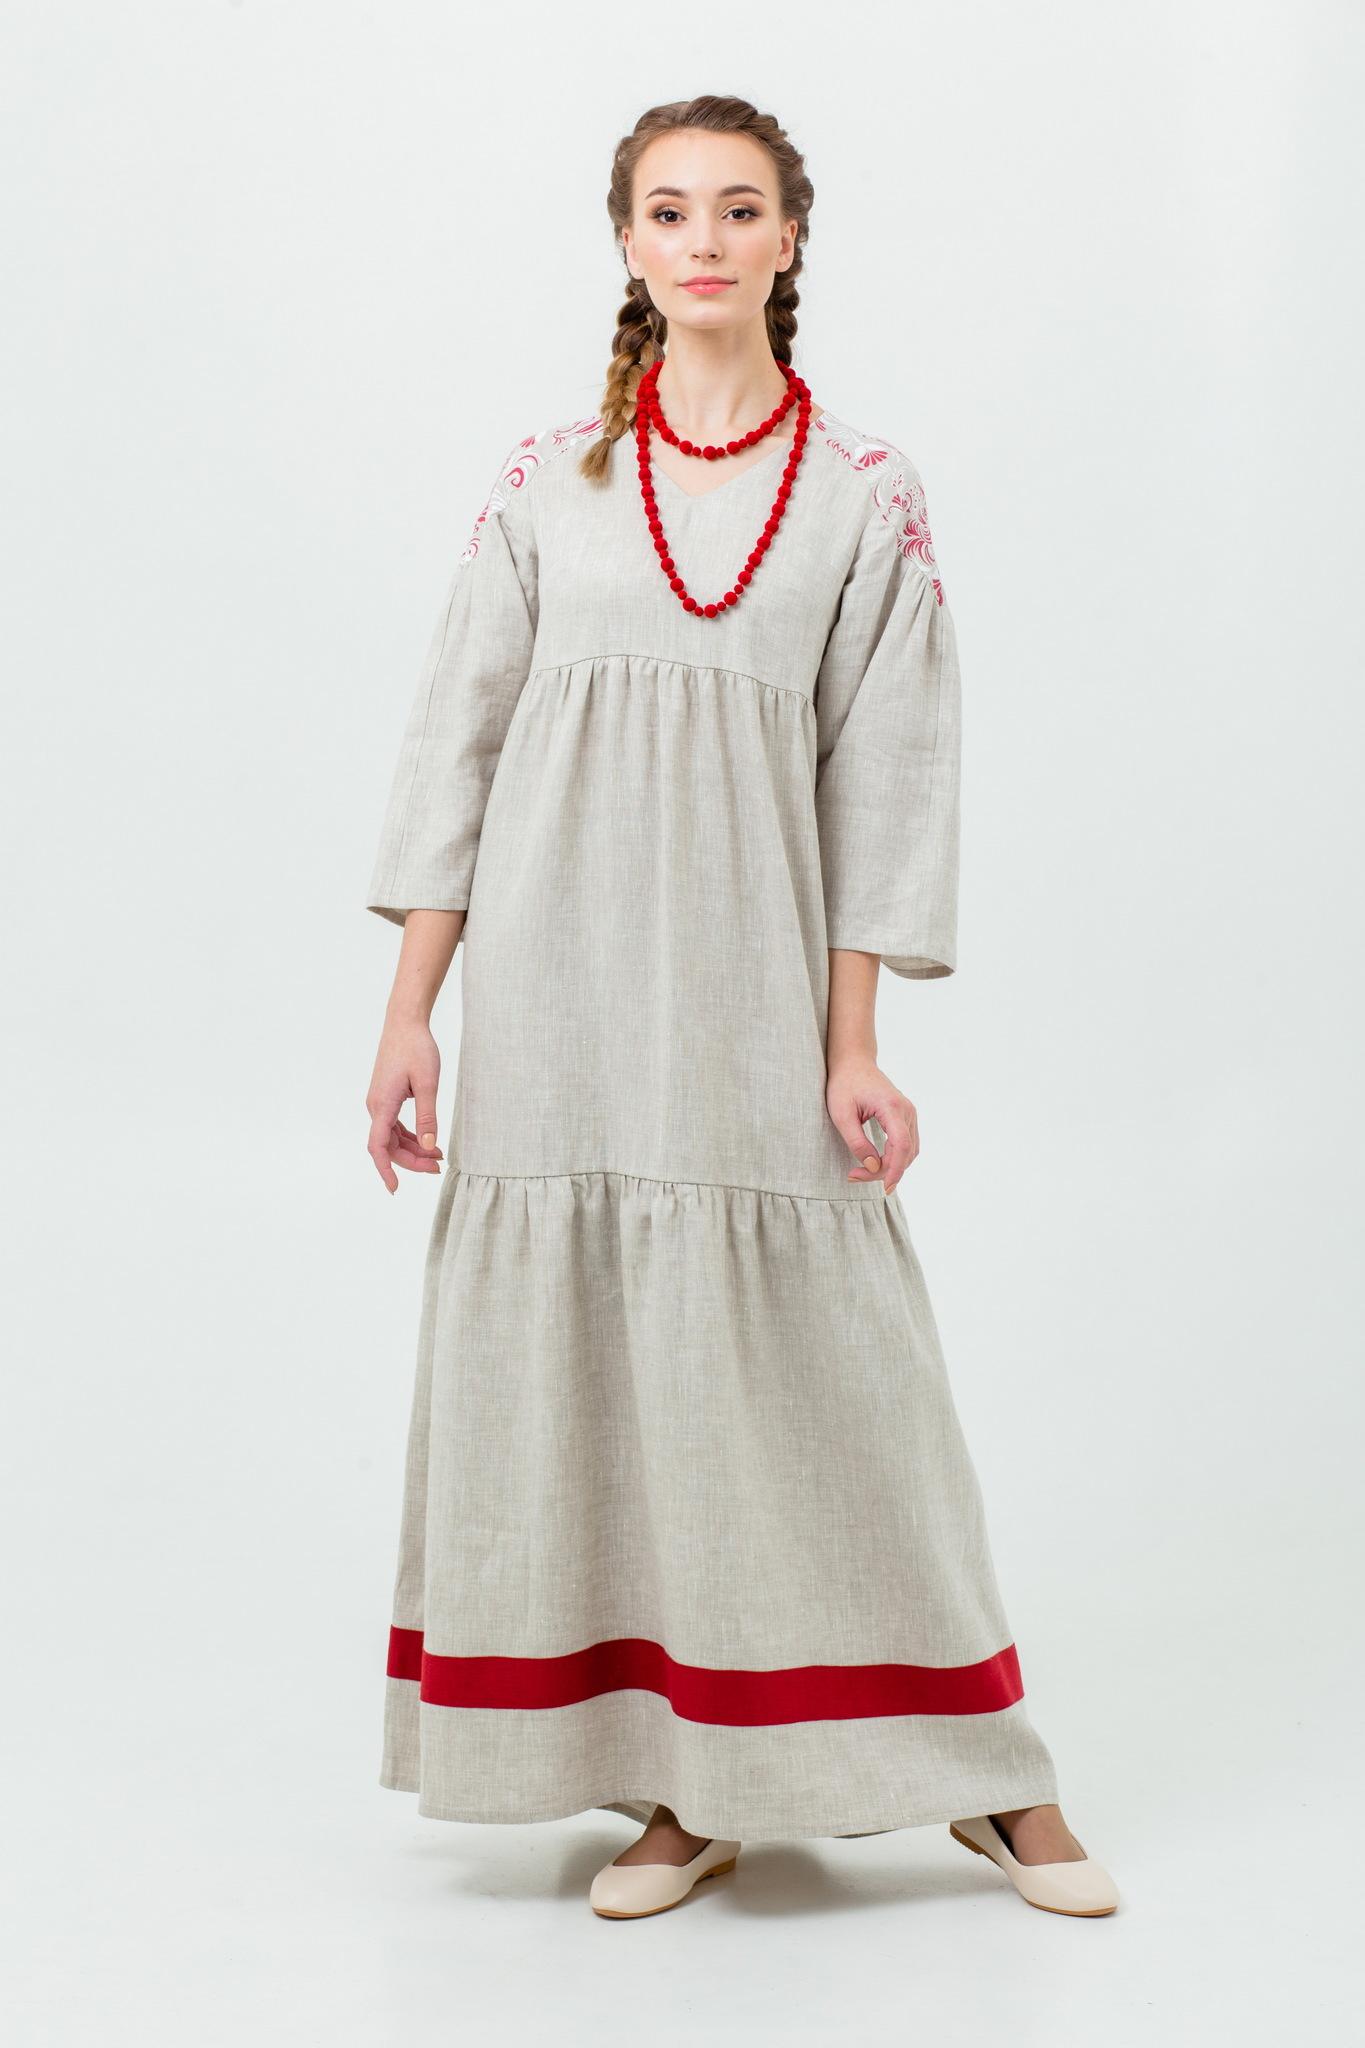 Льняное платье в русском стиле Калинка-малинка